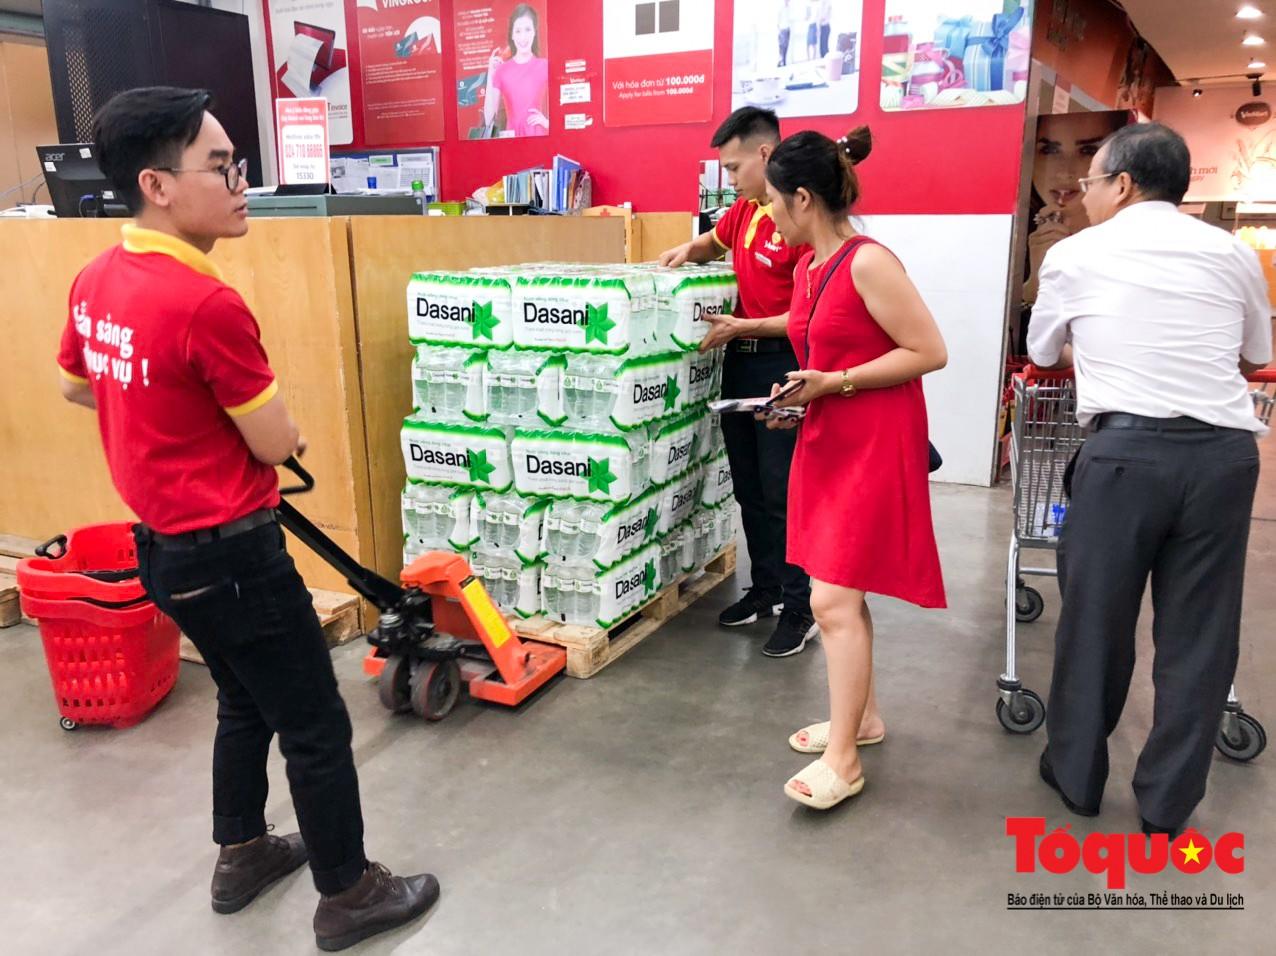 Sợ nước bẩn, người dân đổ xô đến các siêu thi mua nước đóng chai2